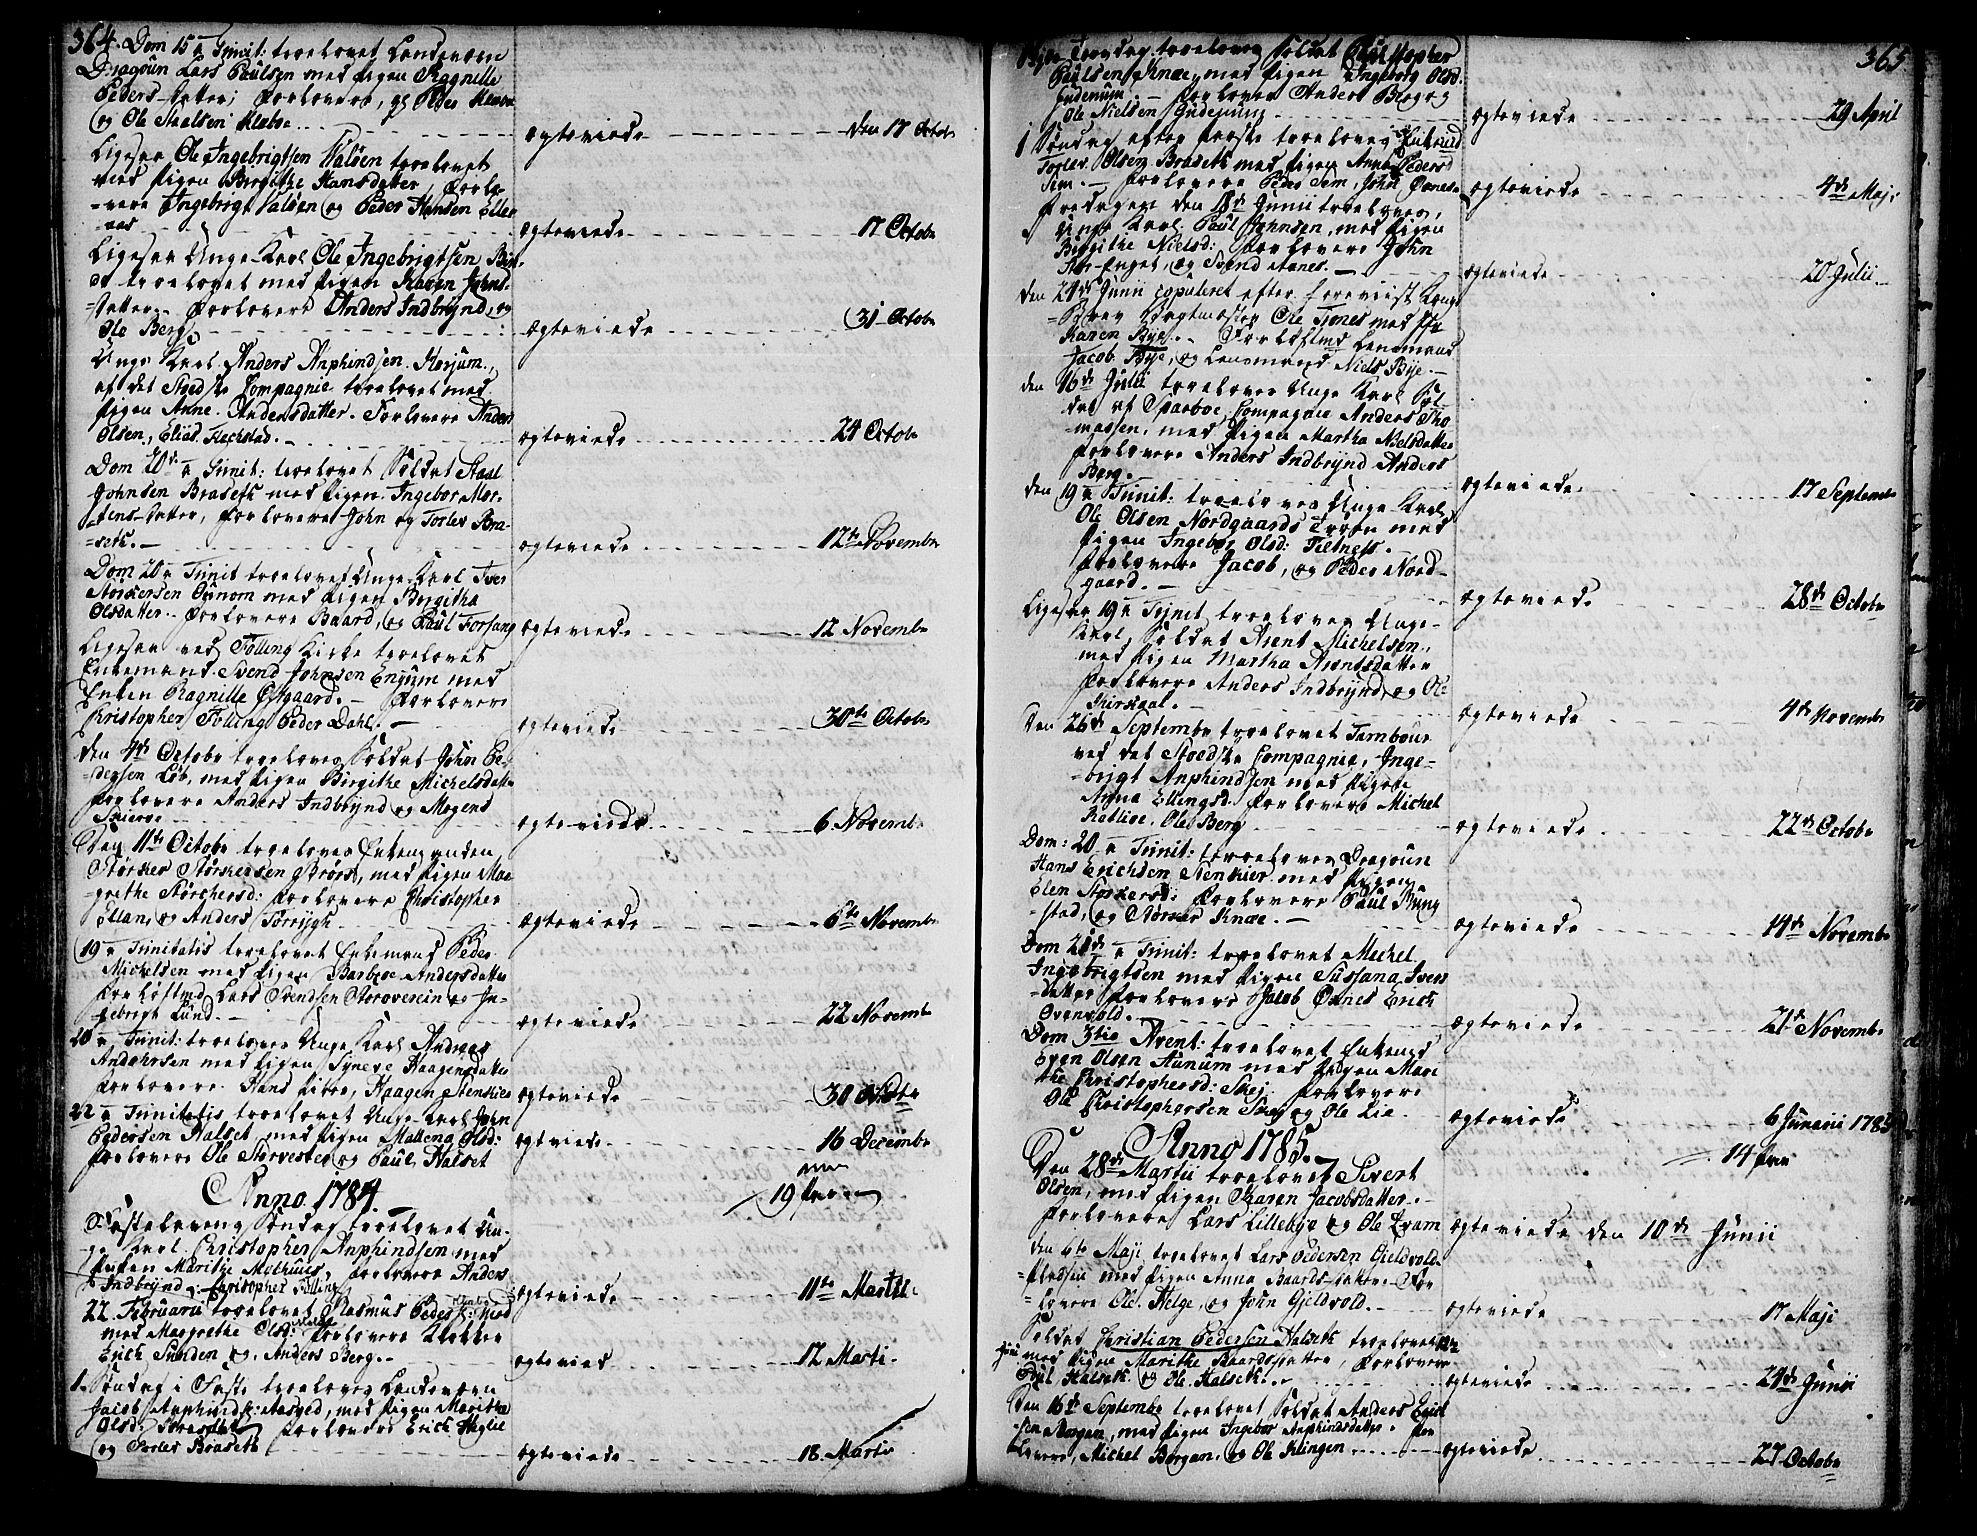 SAT, Ministerialprotokoller, klokkerbøker og fødselsregistre - Nord-Trøndelag, 746/L0440: Ministerialbok nr. 746A02, 1760-1815, s. 364-365